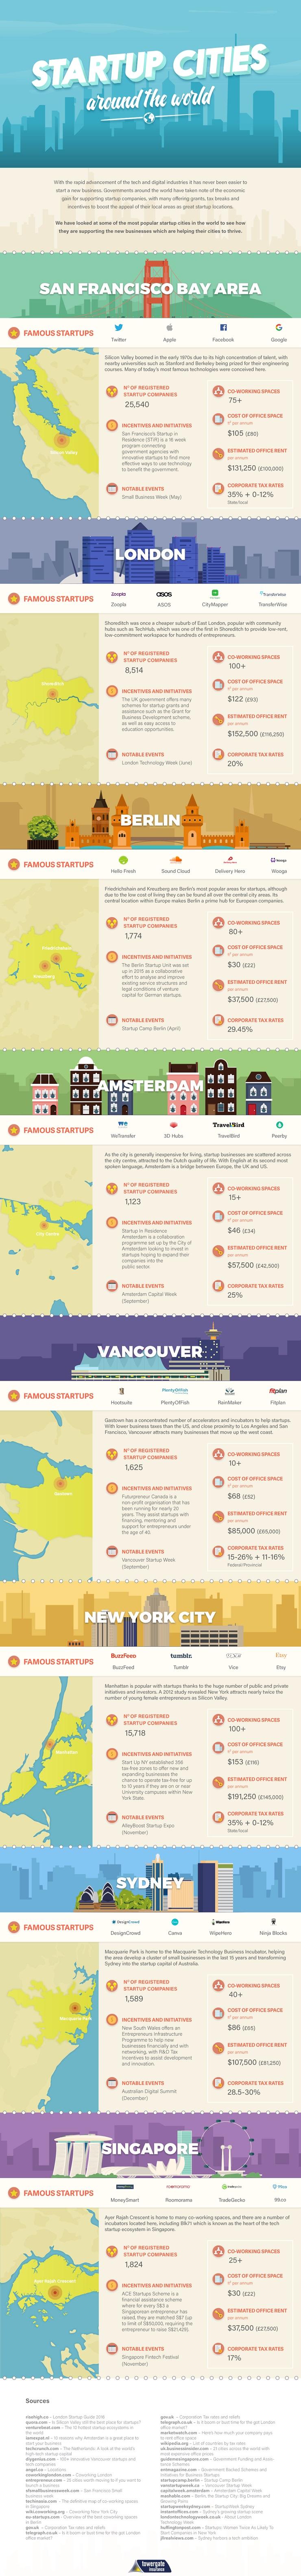 Las mejores ciudades para emprendedores